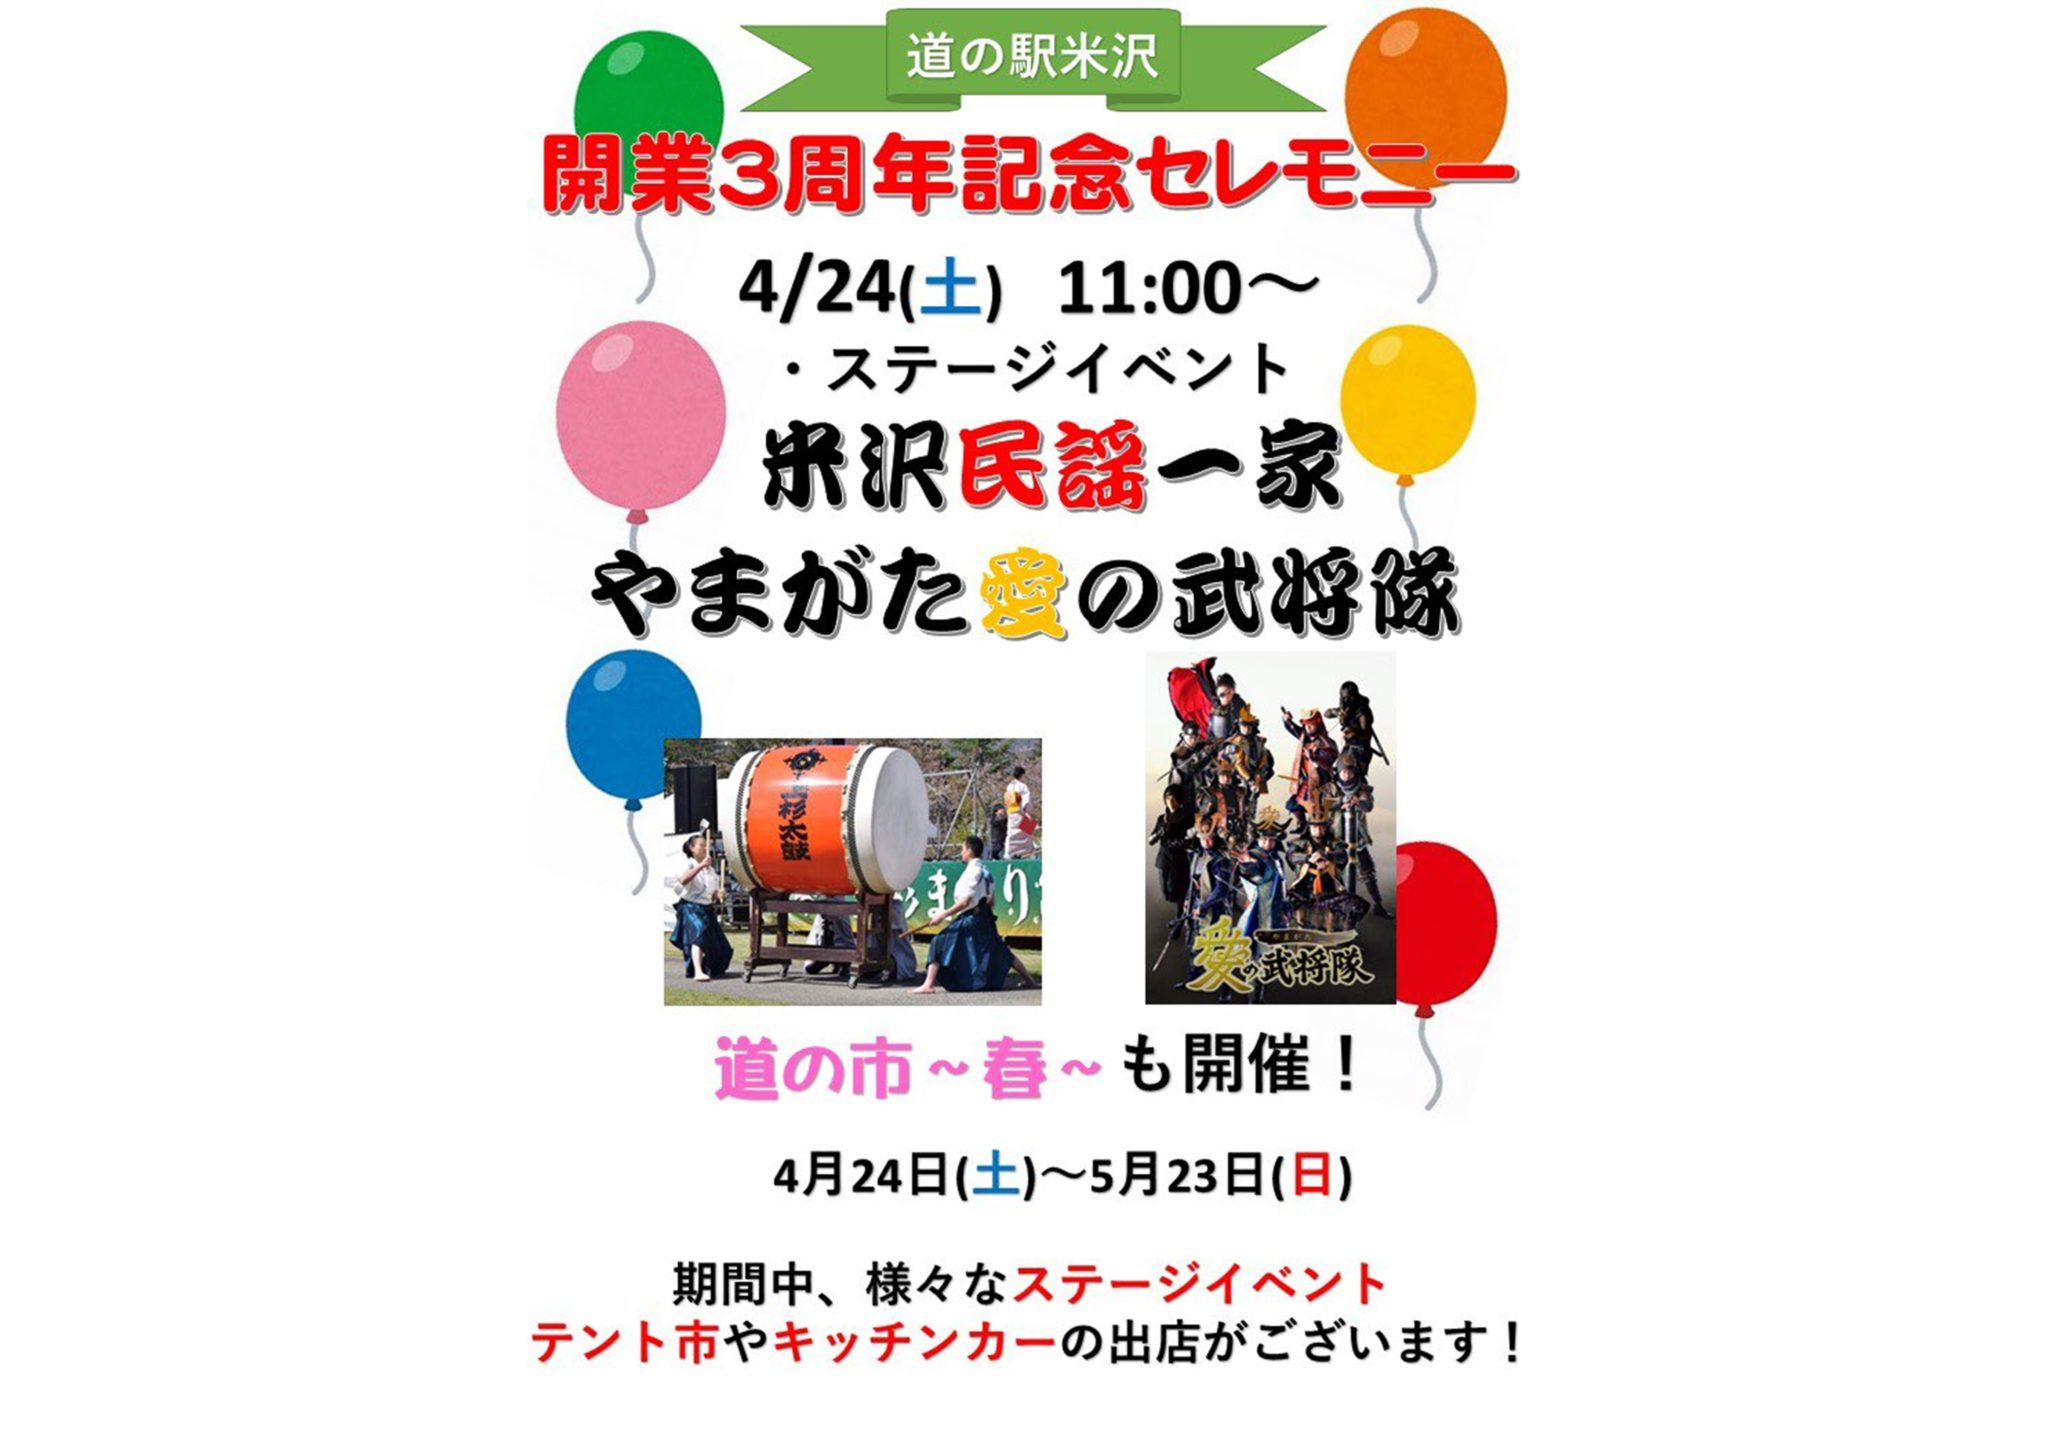 道の駅米沢 開業3周年記念セレモニー